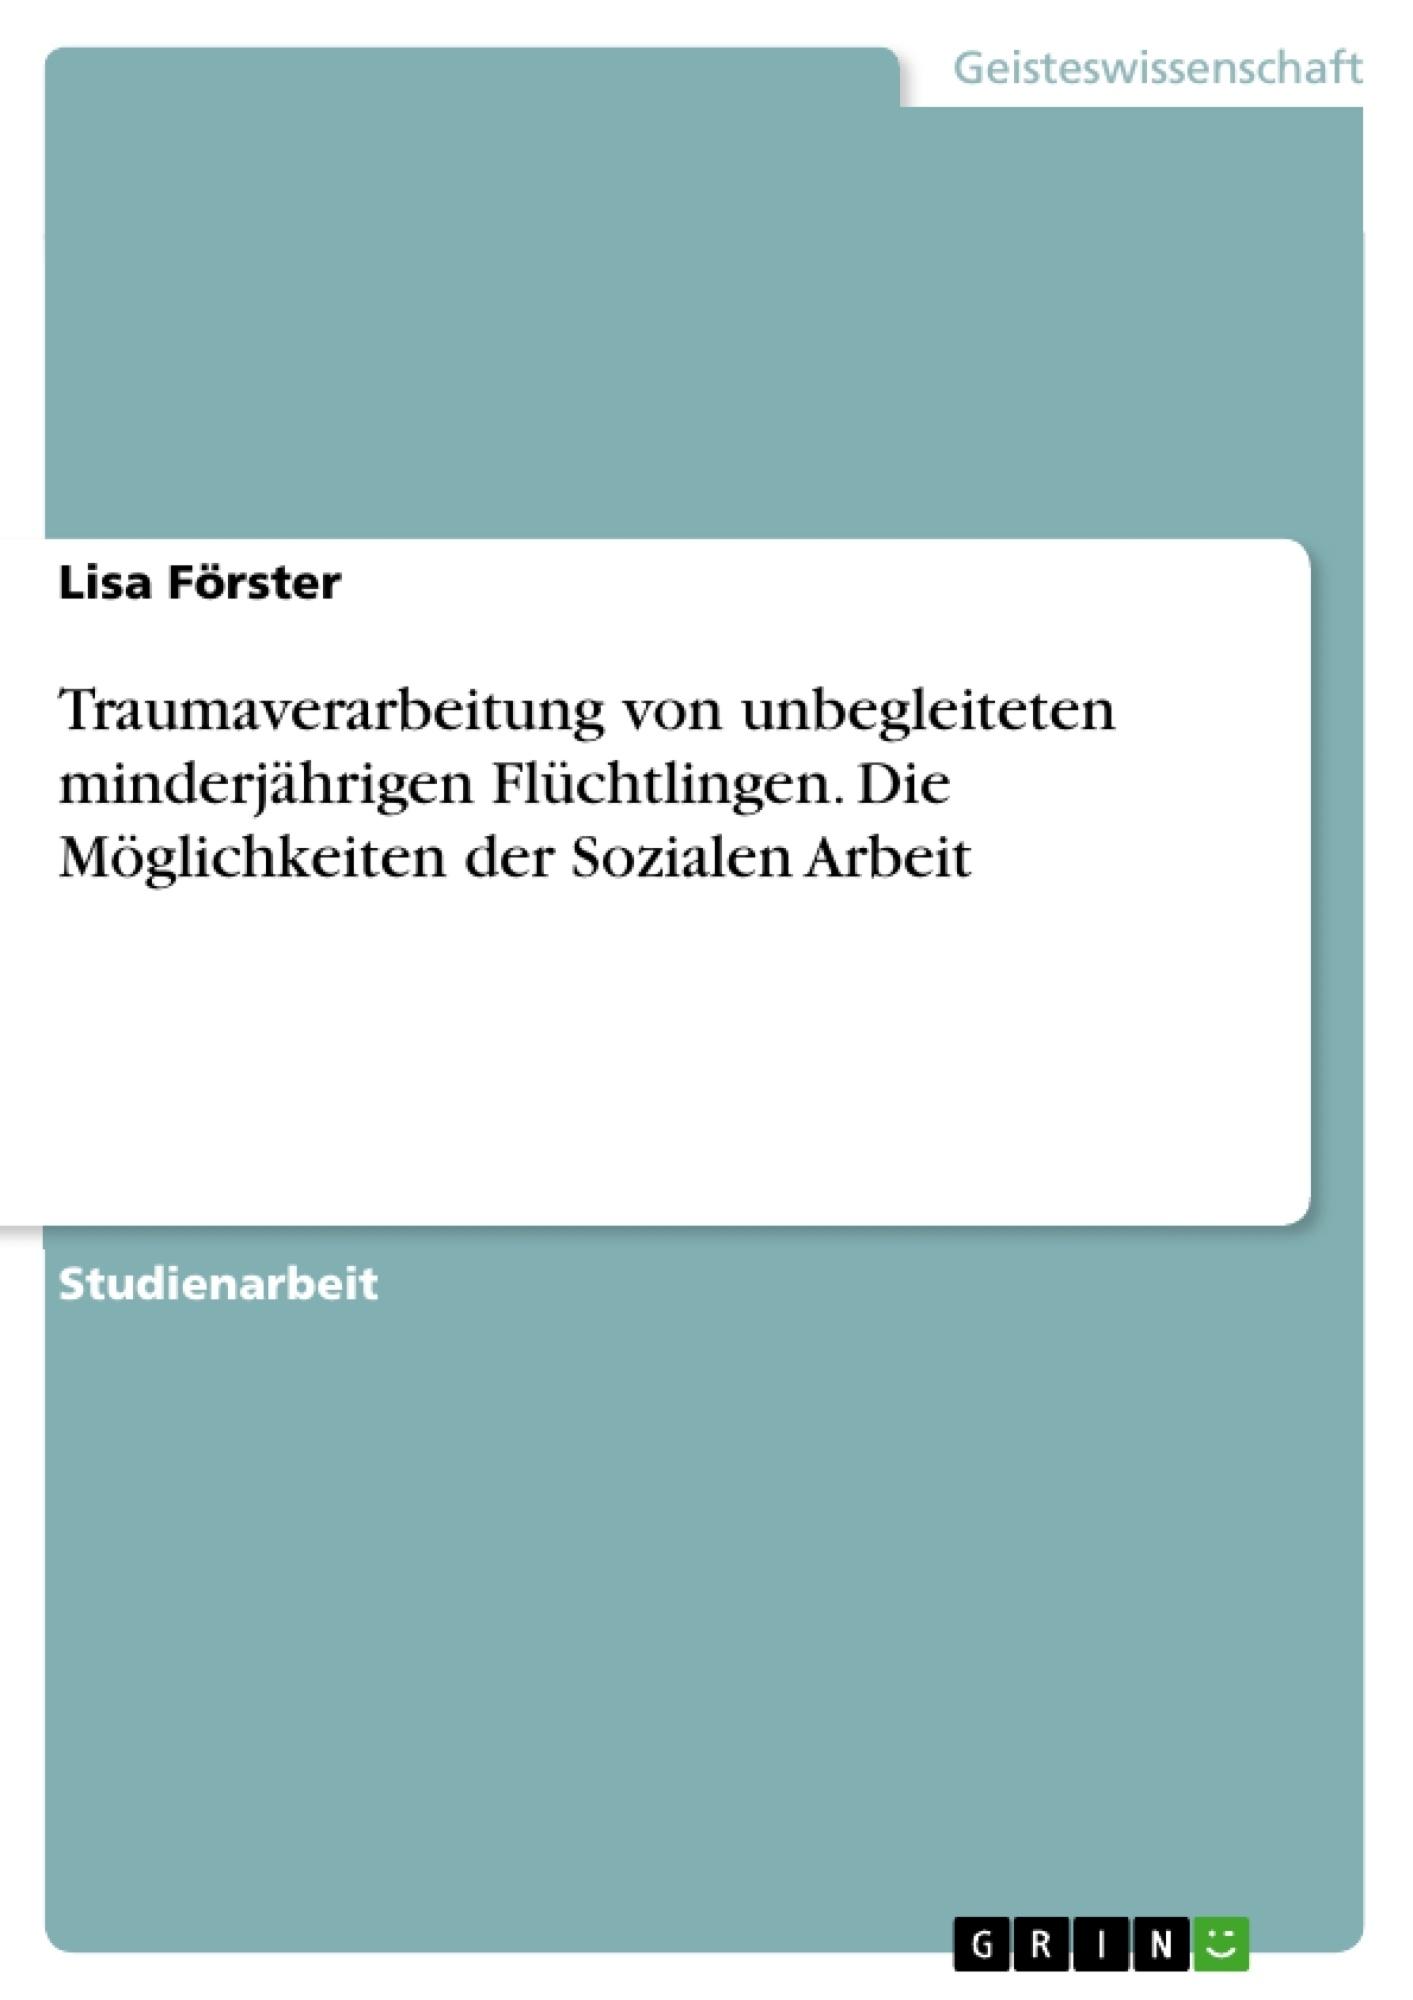 Titel: Traumaverarbeitung von unbegleiteten minderjährigen Flüchtlingen. Die Möglichkeiten der Sozialen Arbeit